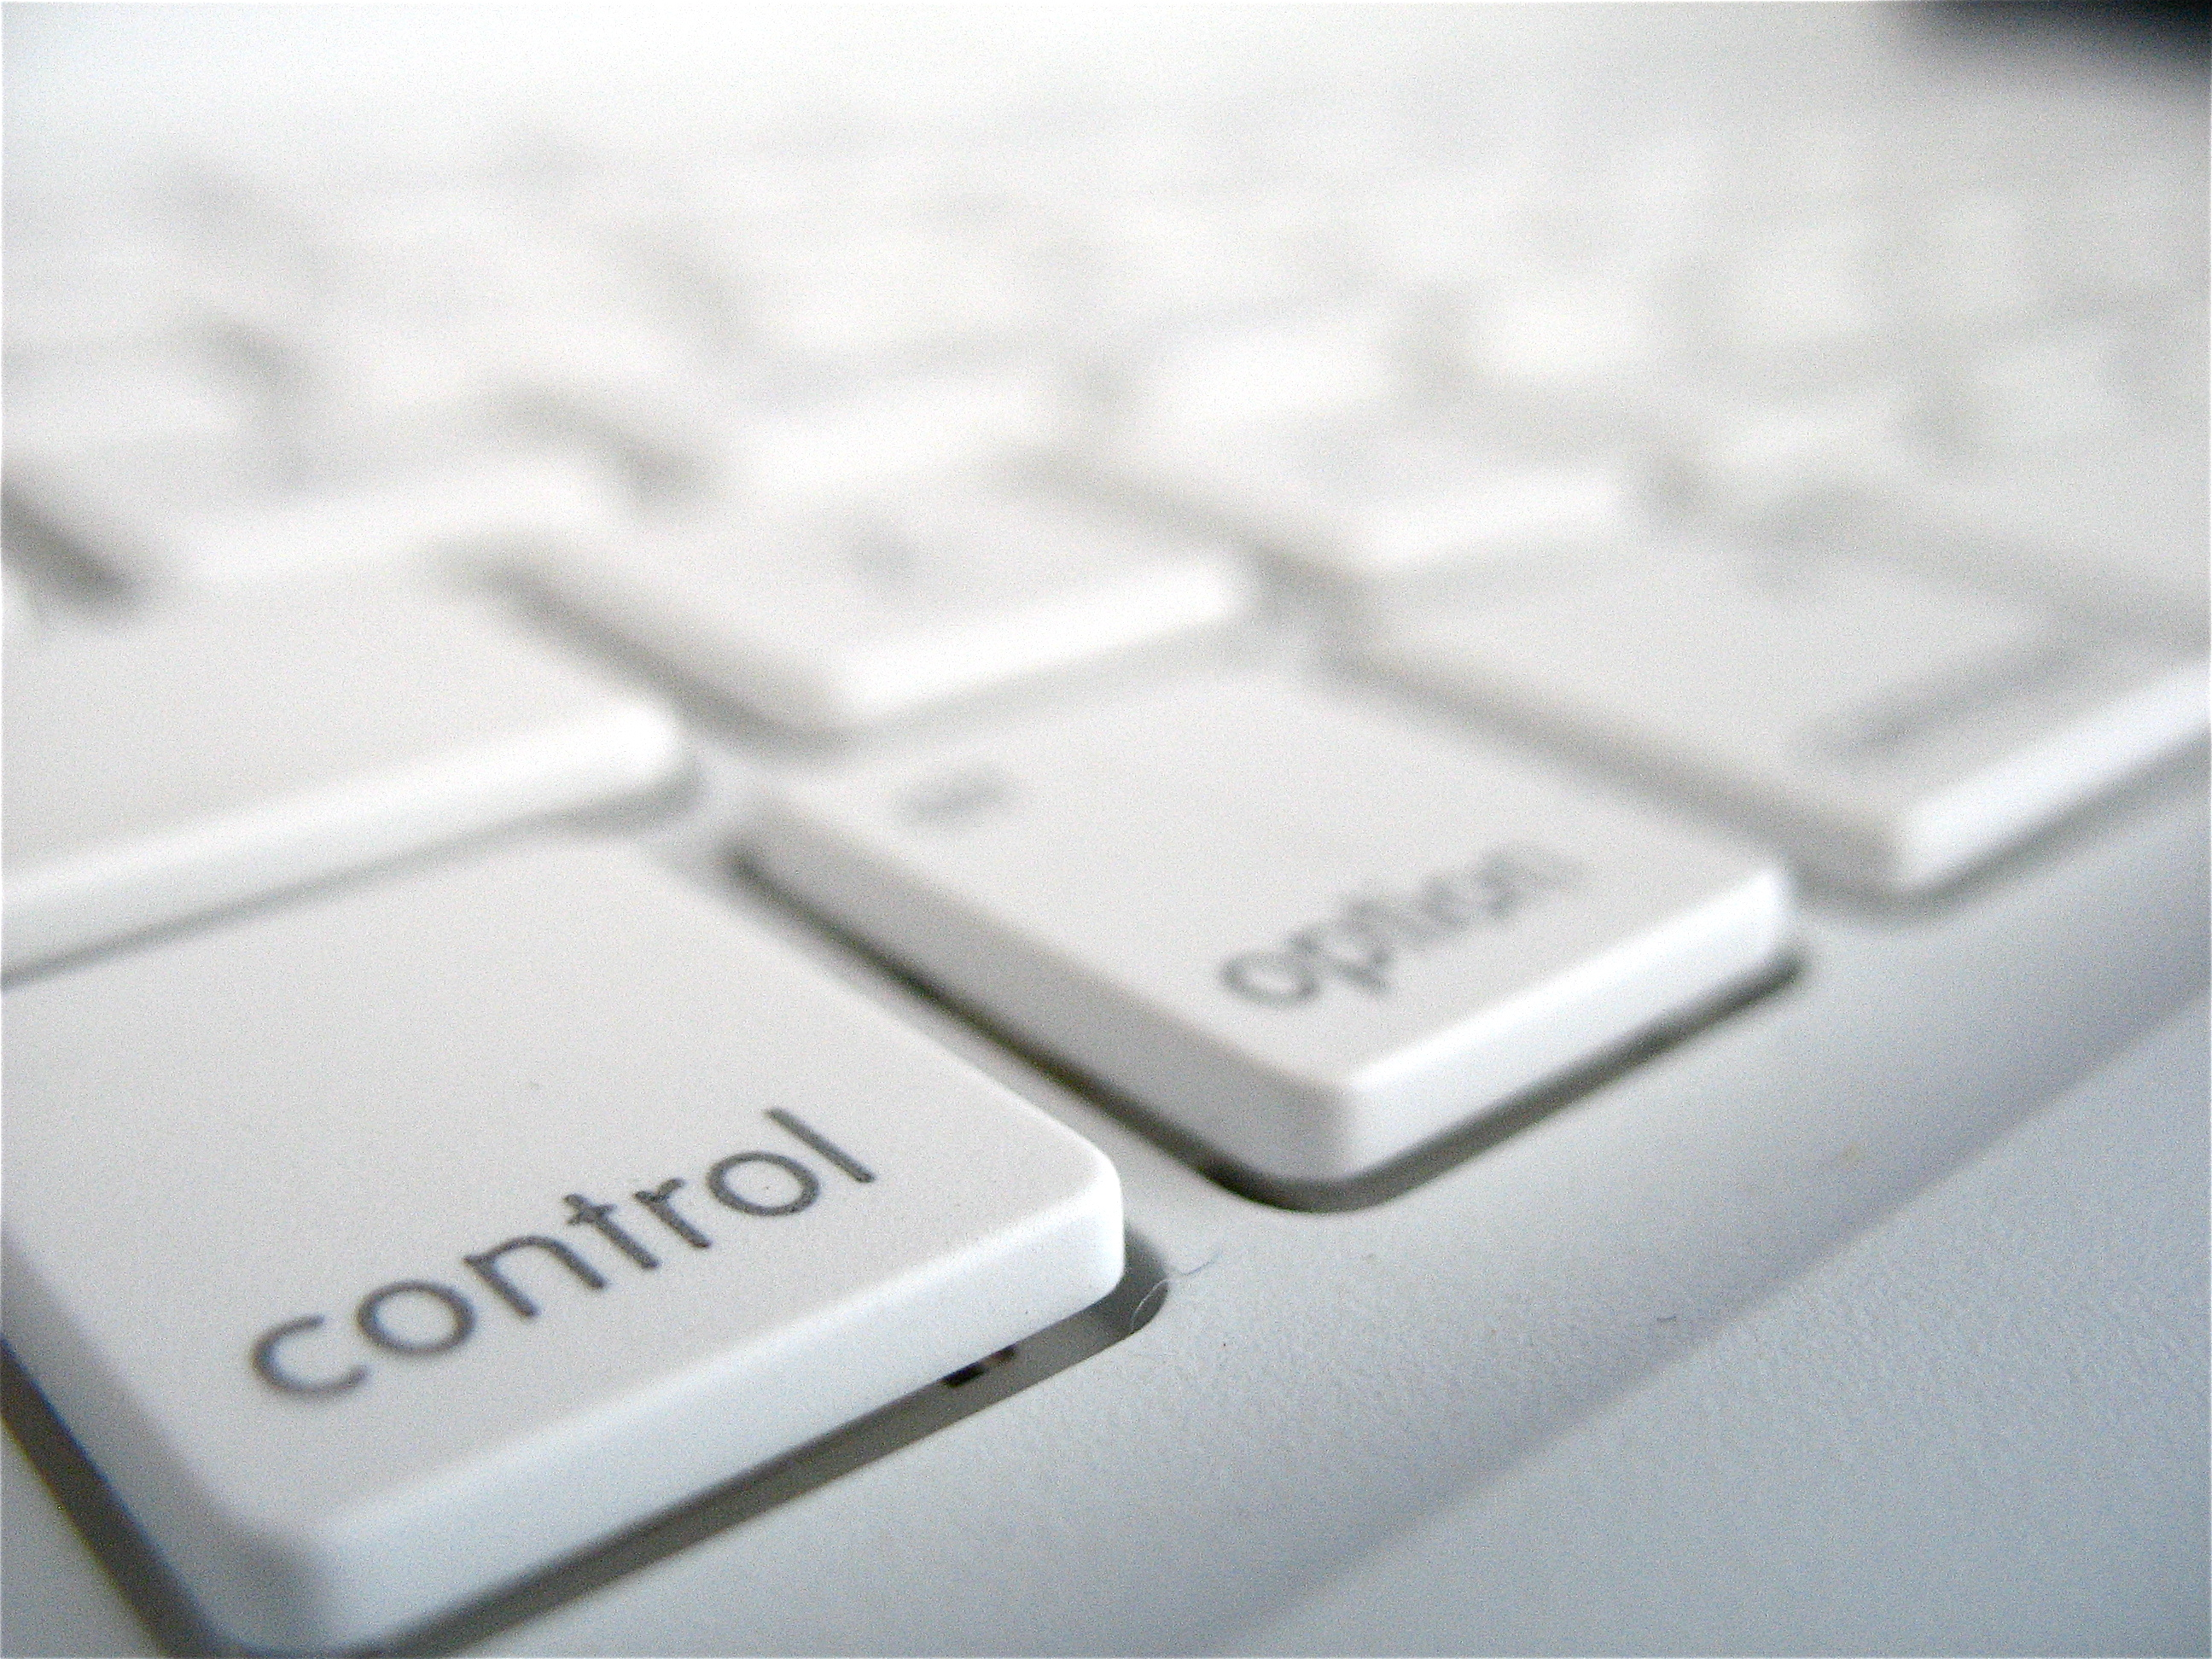 bigdata_control_-frederico-cintra